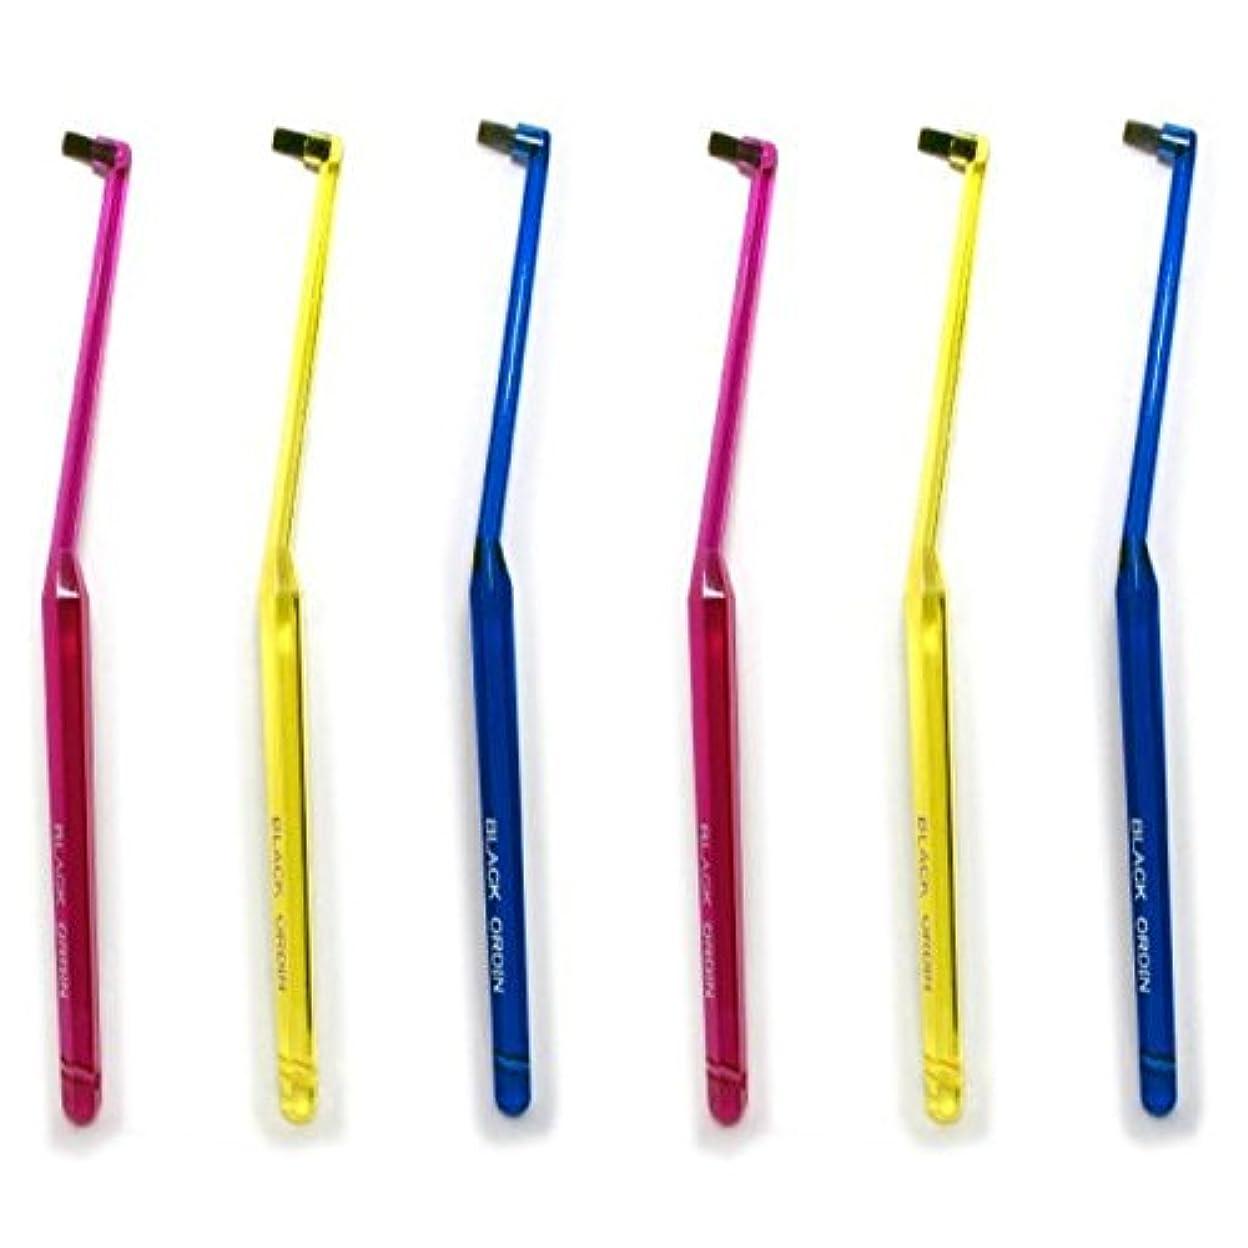 台無しに想起バイソンワンタフトブラシ ブラックオーディン ワンタフト×6本セット 部分用歯ブラシ 歯磨き 歯ブラシ